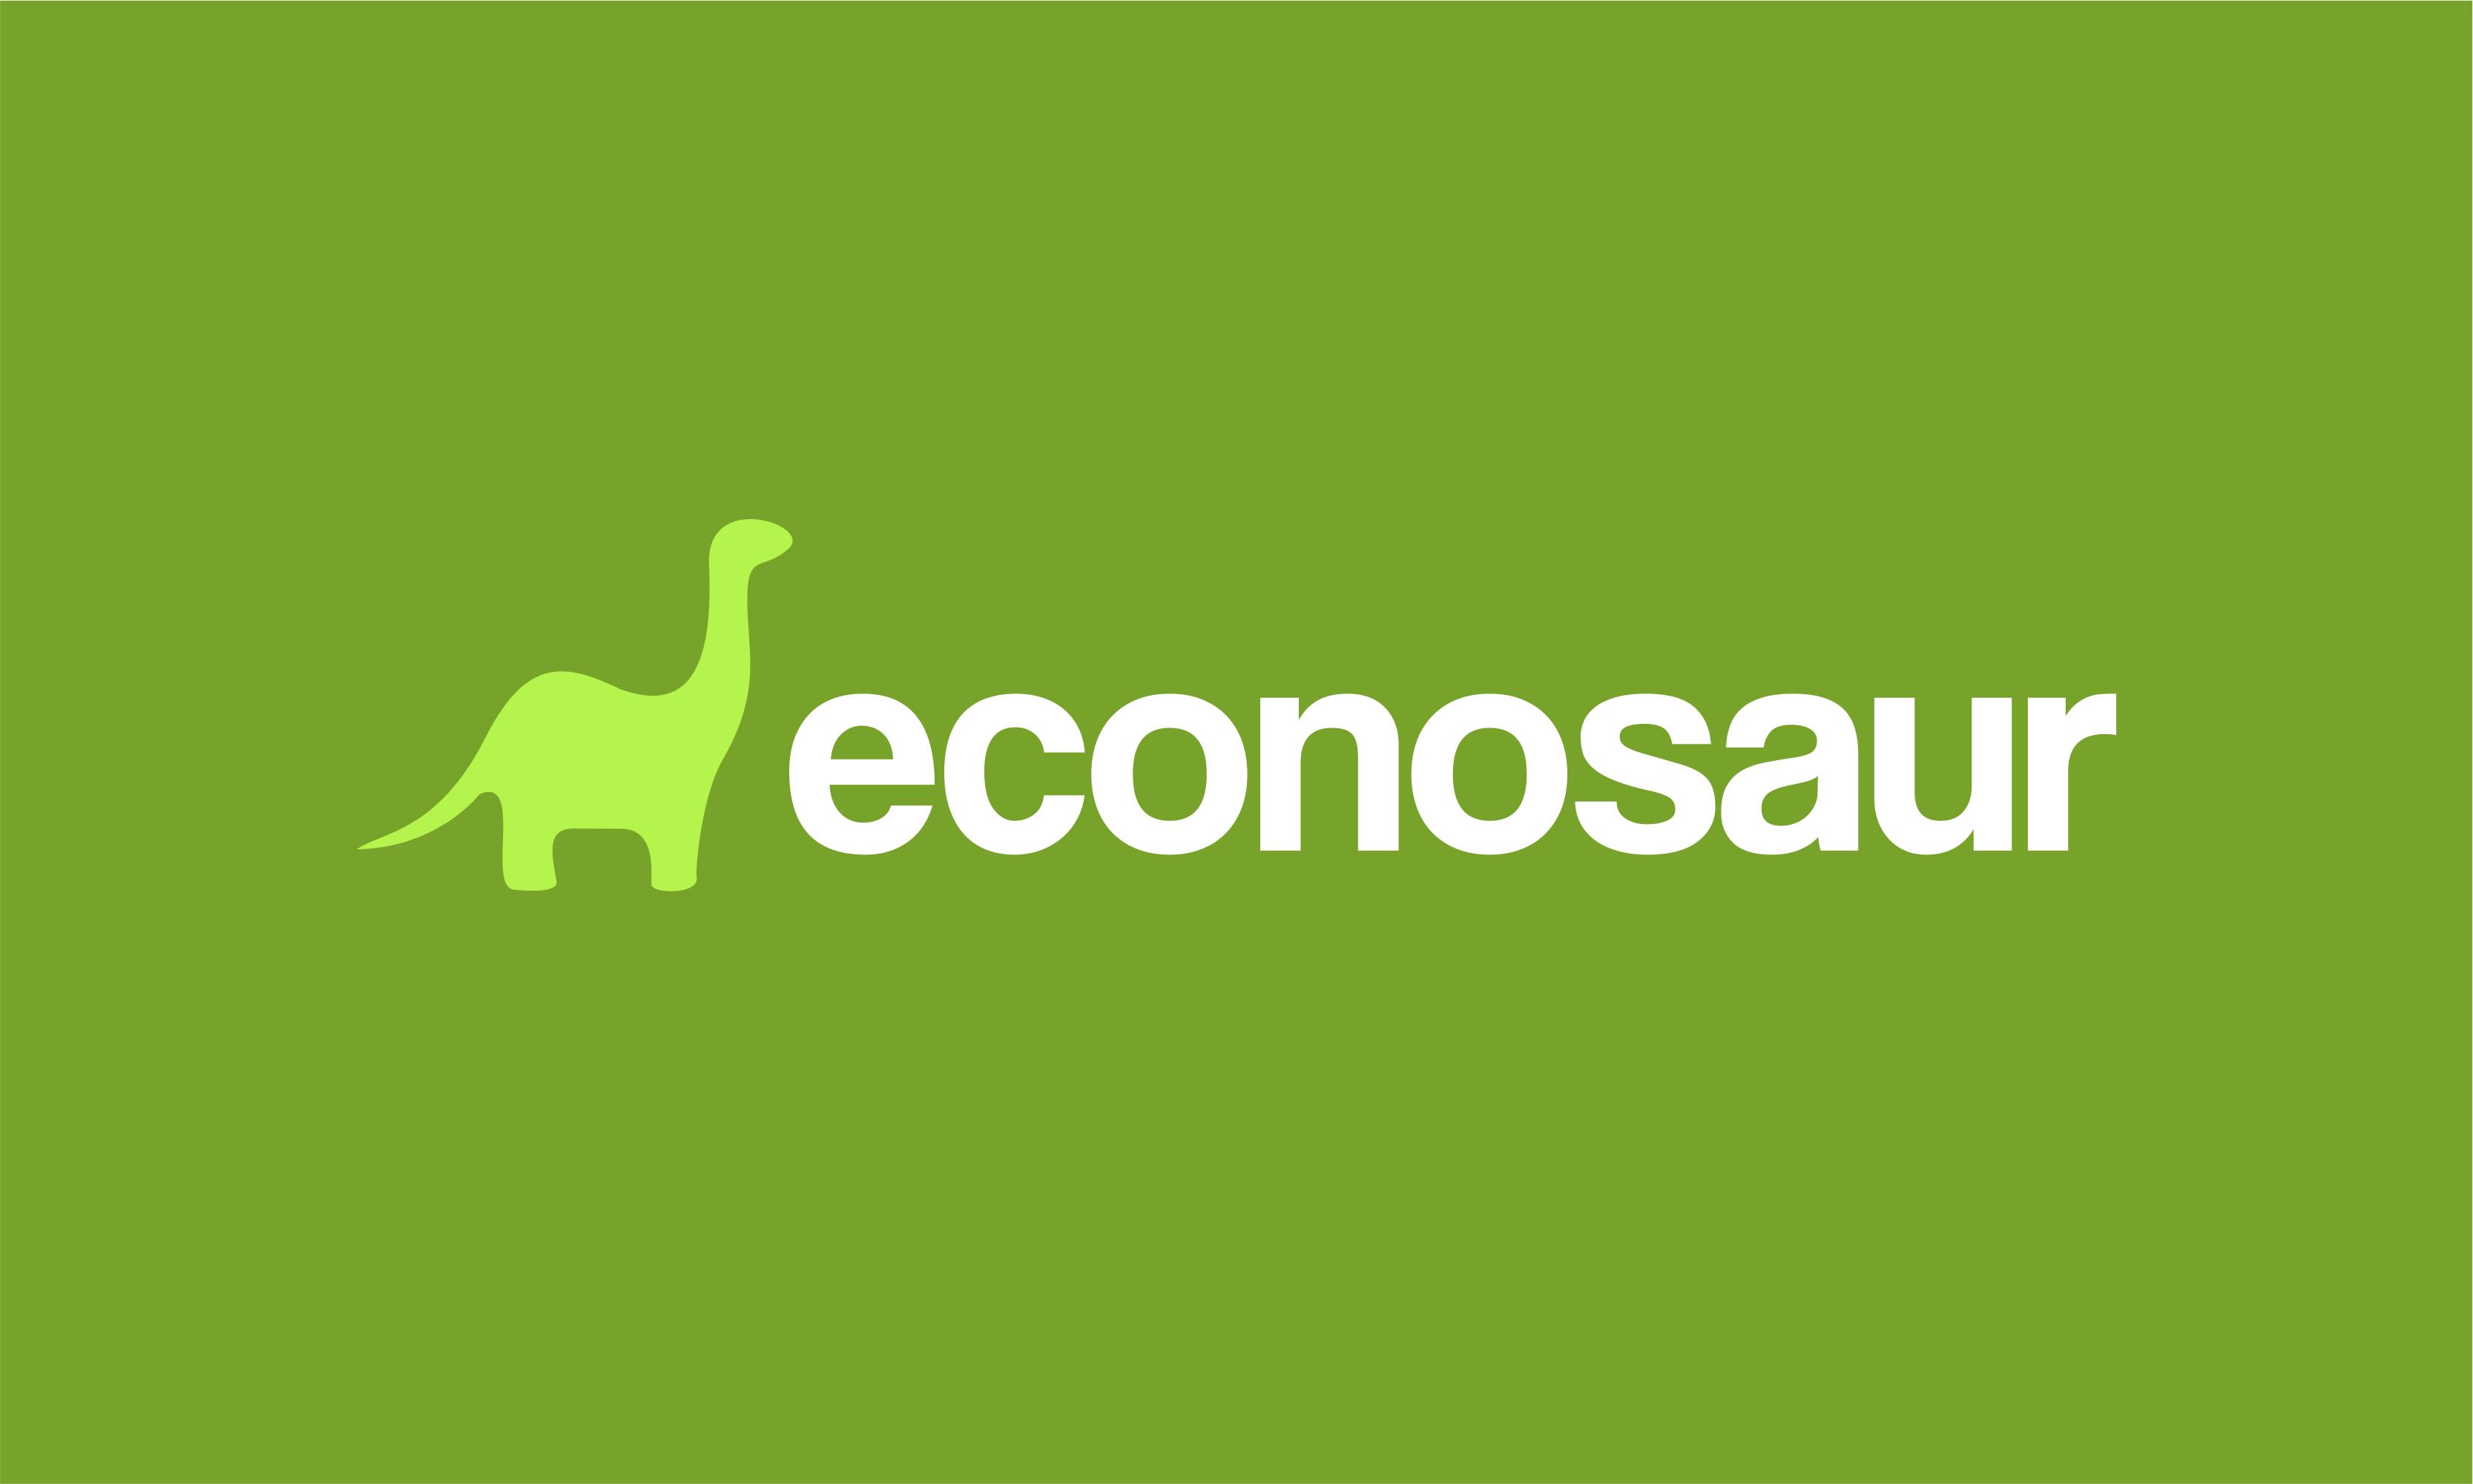 Econosaur